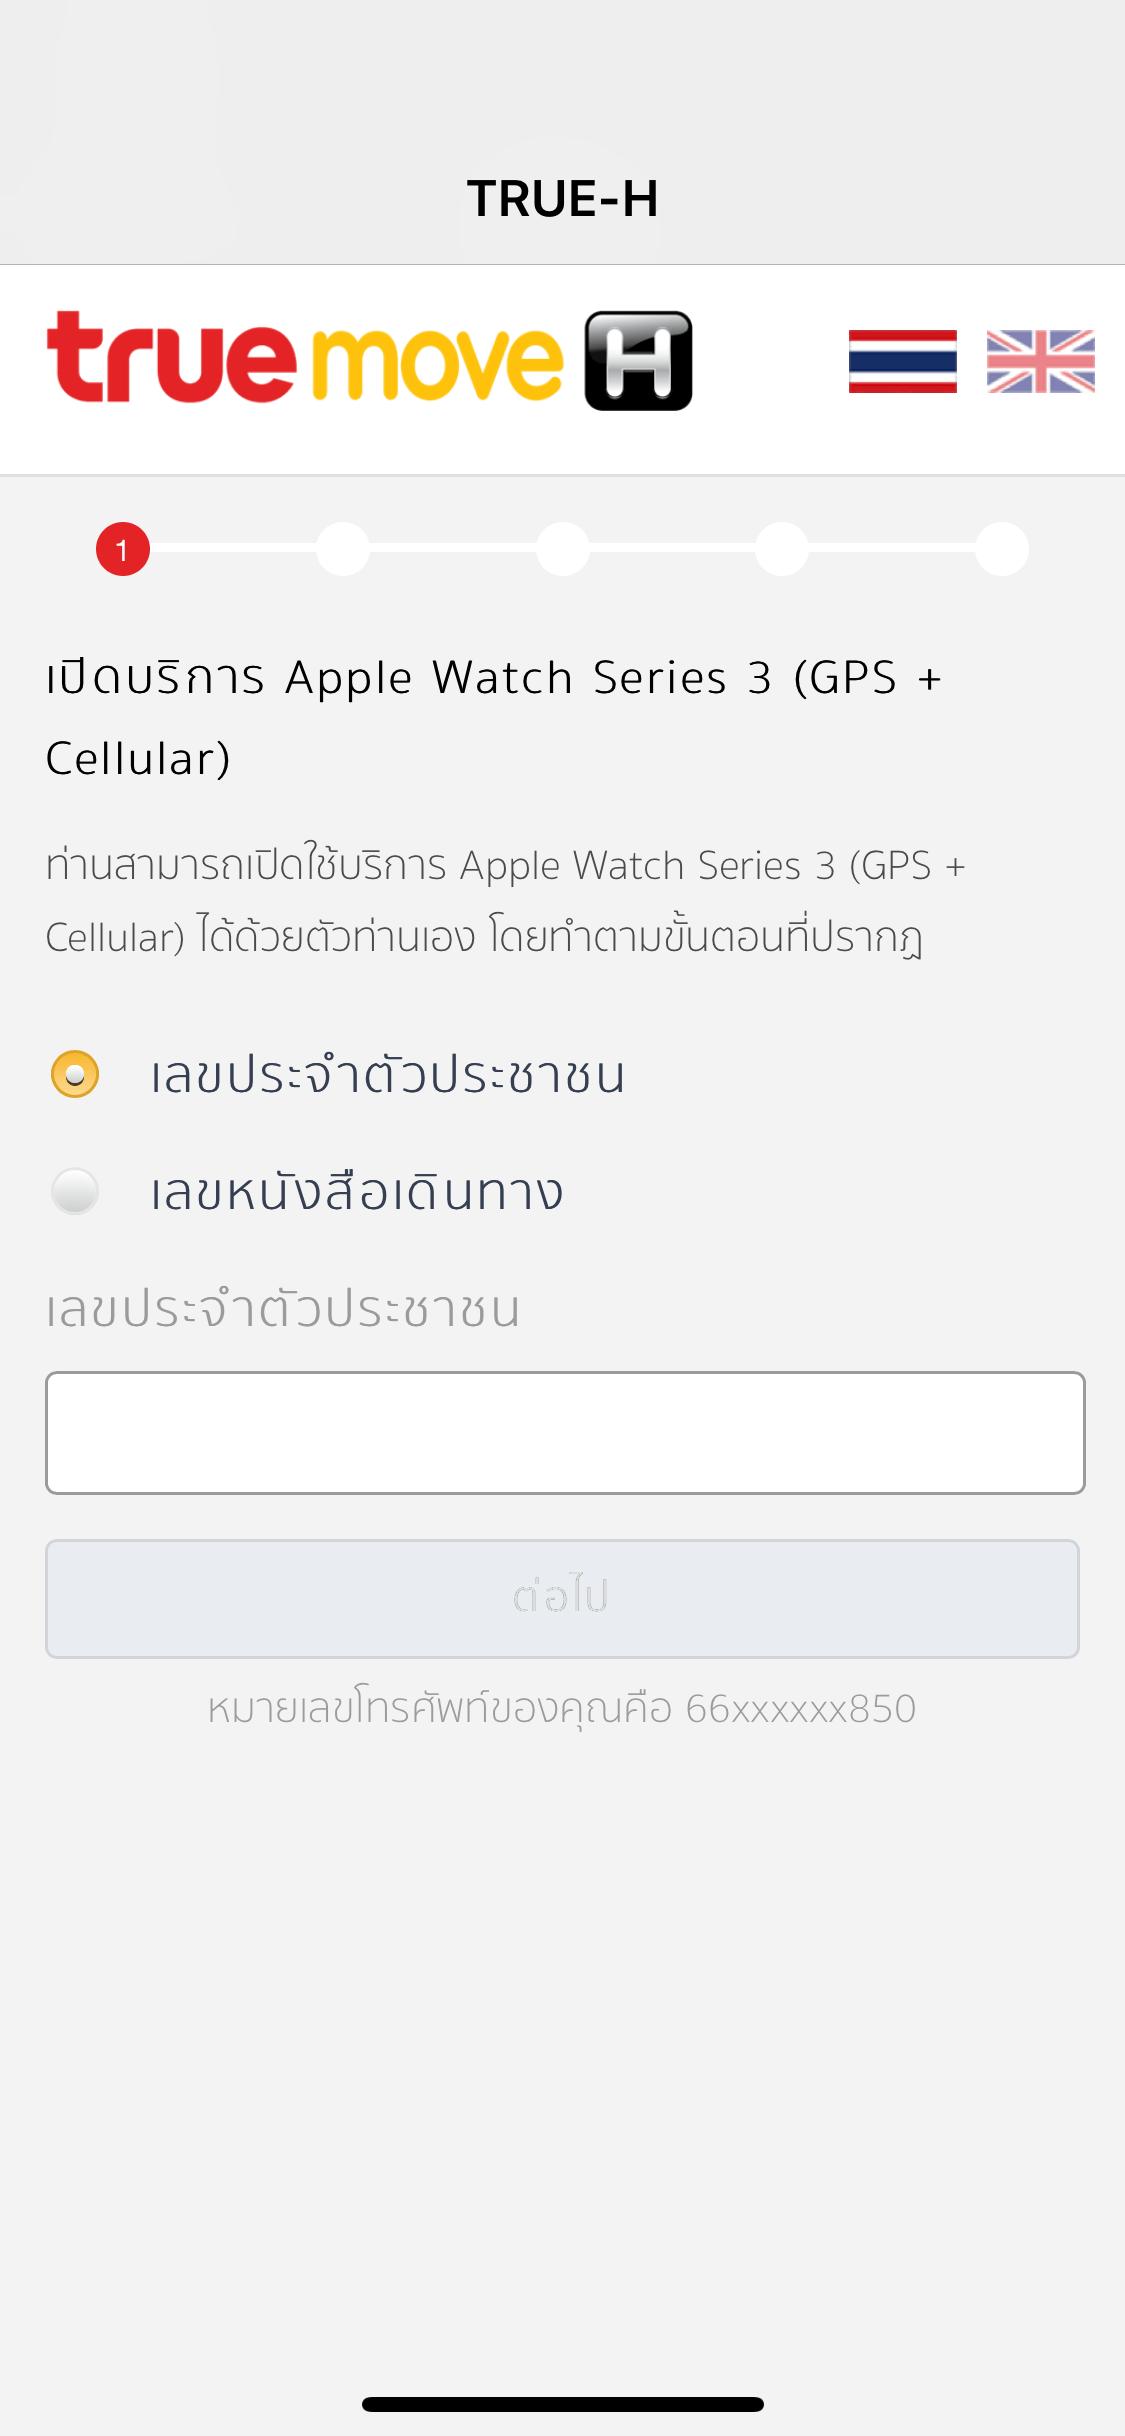 รีวิว Apple Watch LTE นาฬิกาแอปเปิ้ลใหม่ใส่ซิม โทรได้แม้ไร้ iPhone 25 - Smart Home